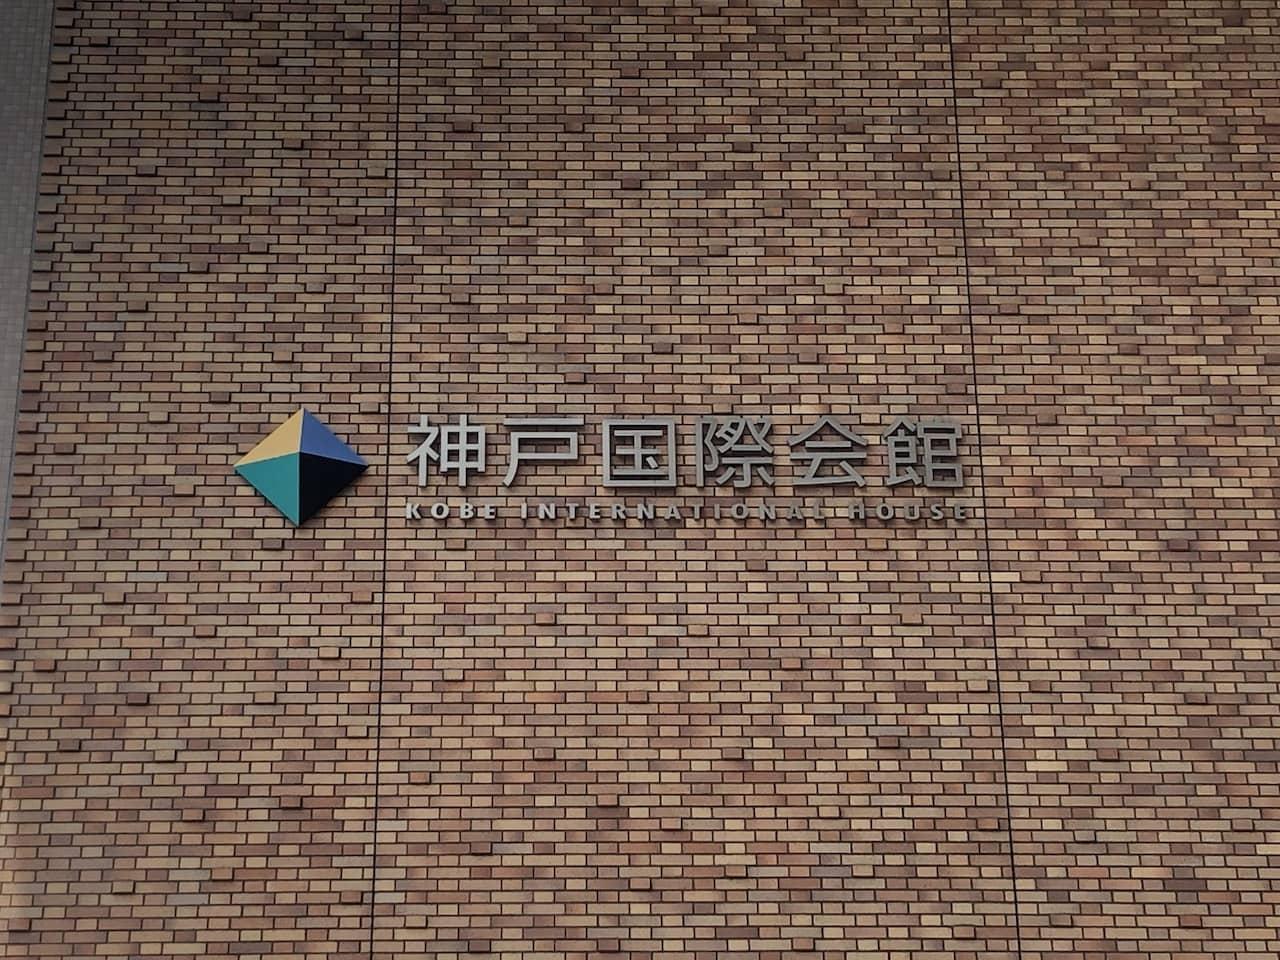 【ライブレポ】田村ゆかりT♡C 兵庫公演(神戸公演1日目)の感想!